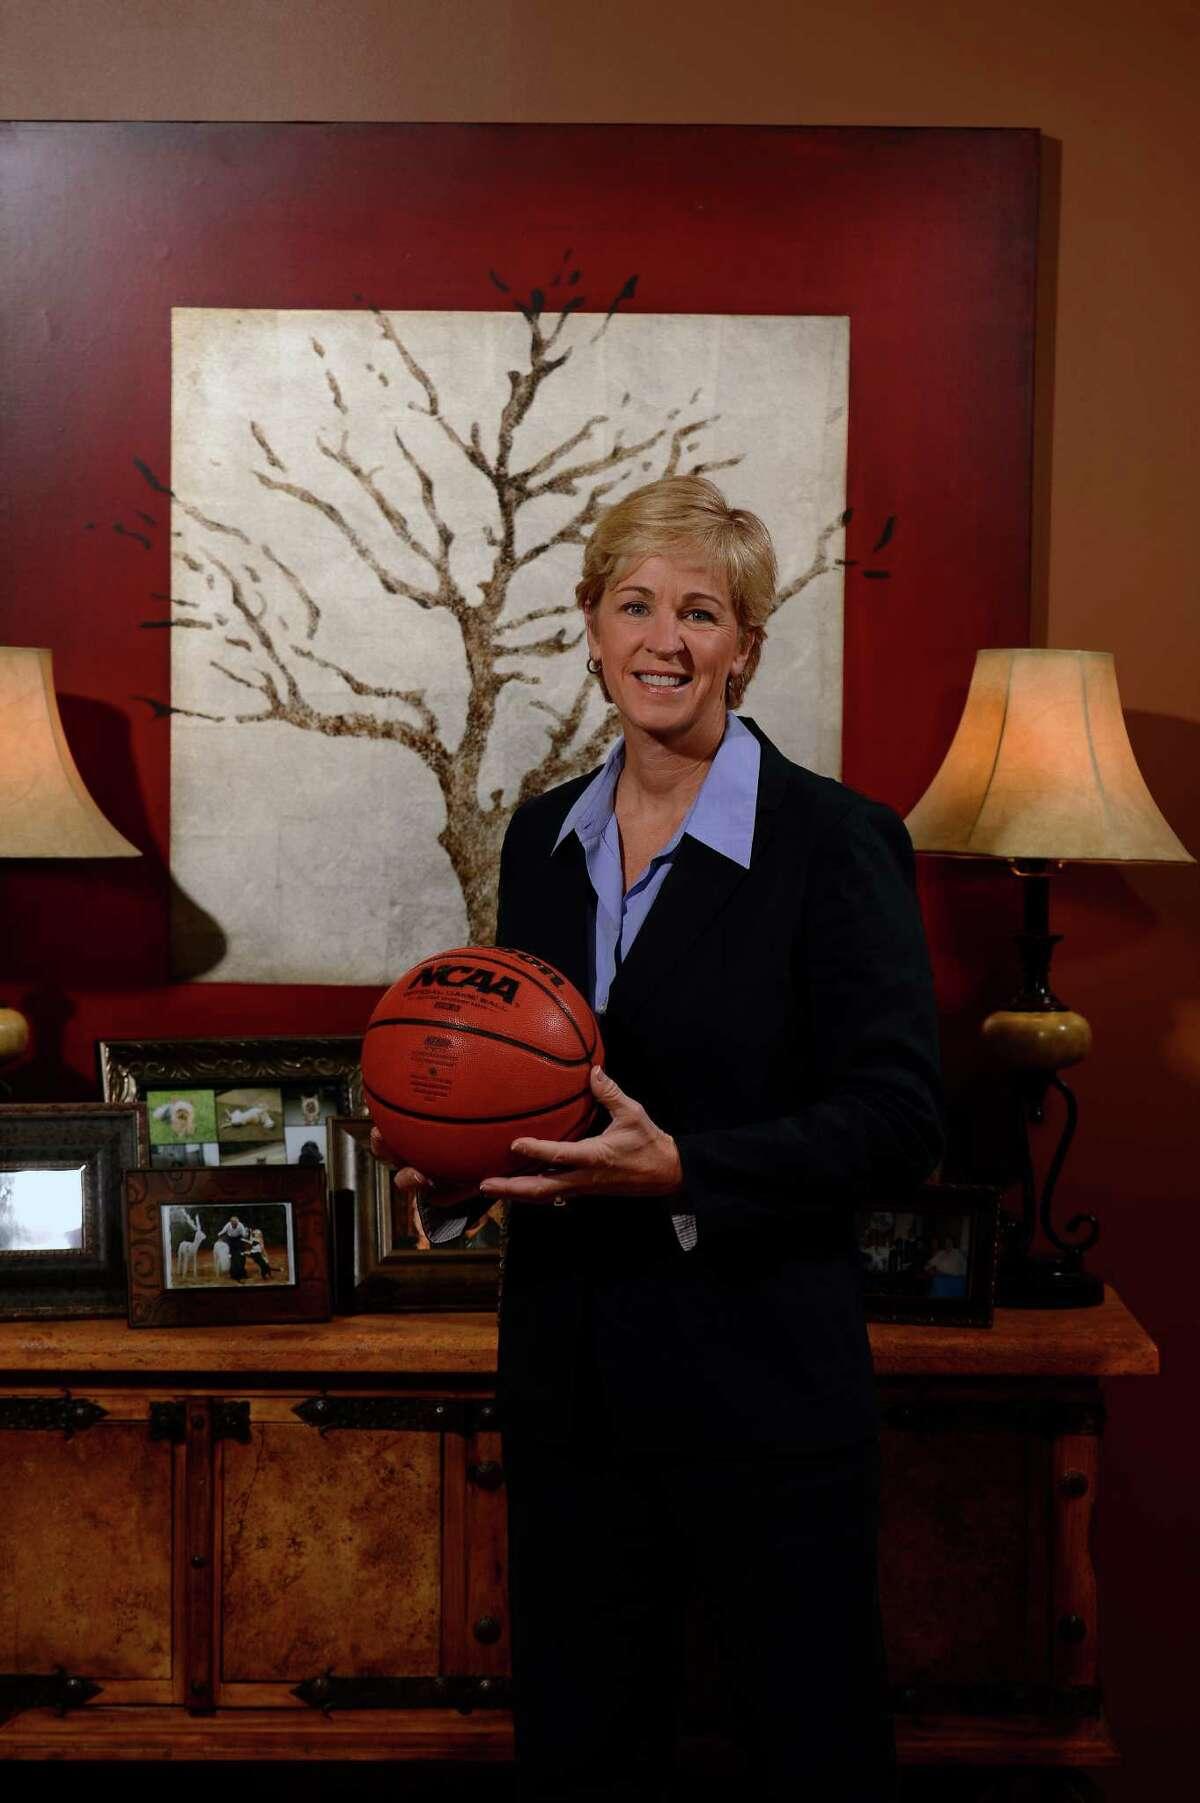 Former Auburn women's basketball coach Nell Fortner on Saturday, Jan. 19, 2013 in Auburn, Ala. Todd Van Emst